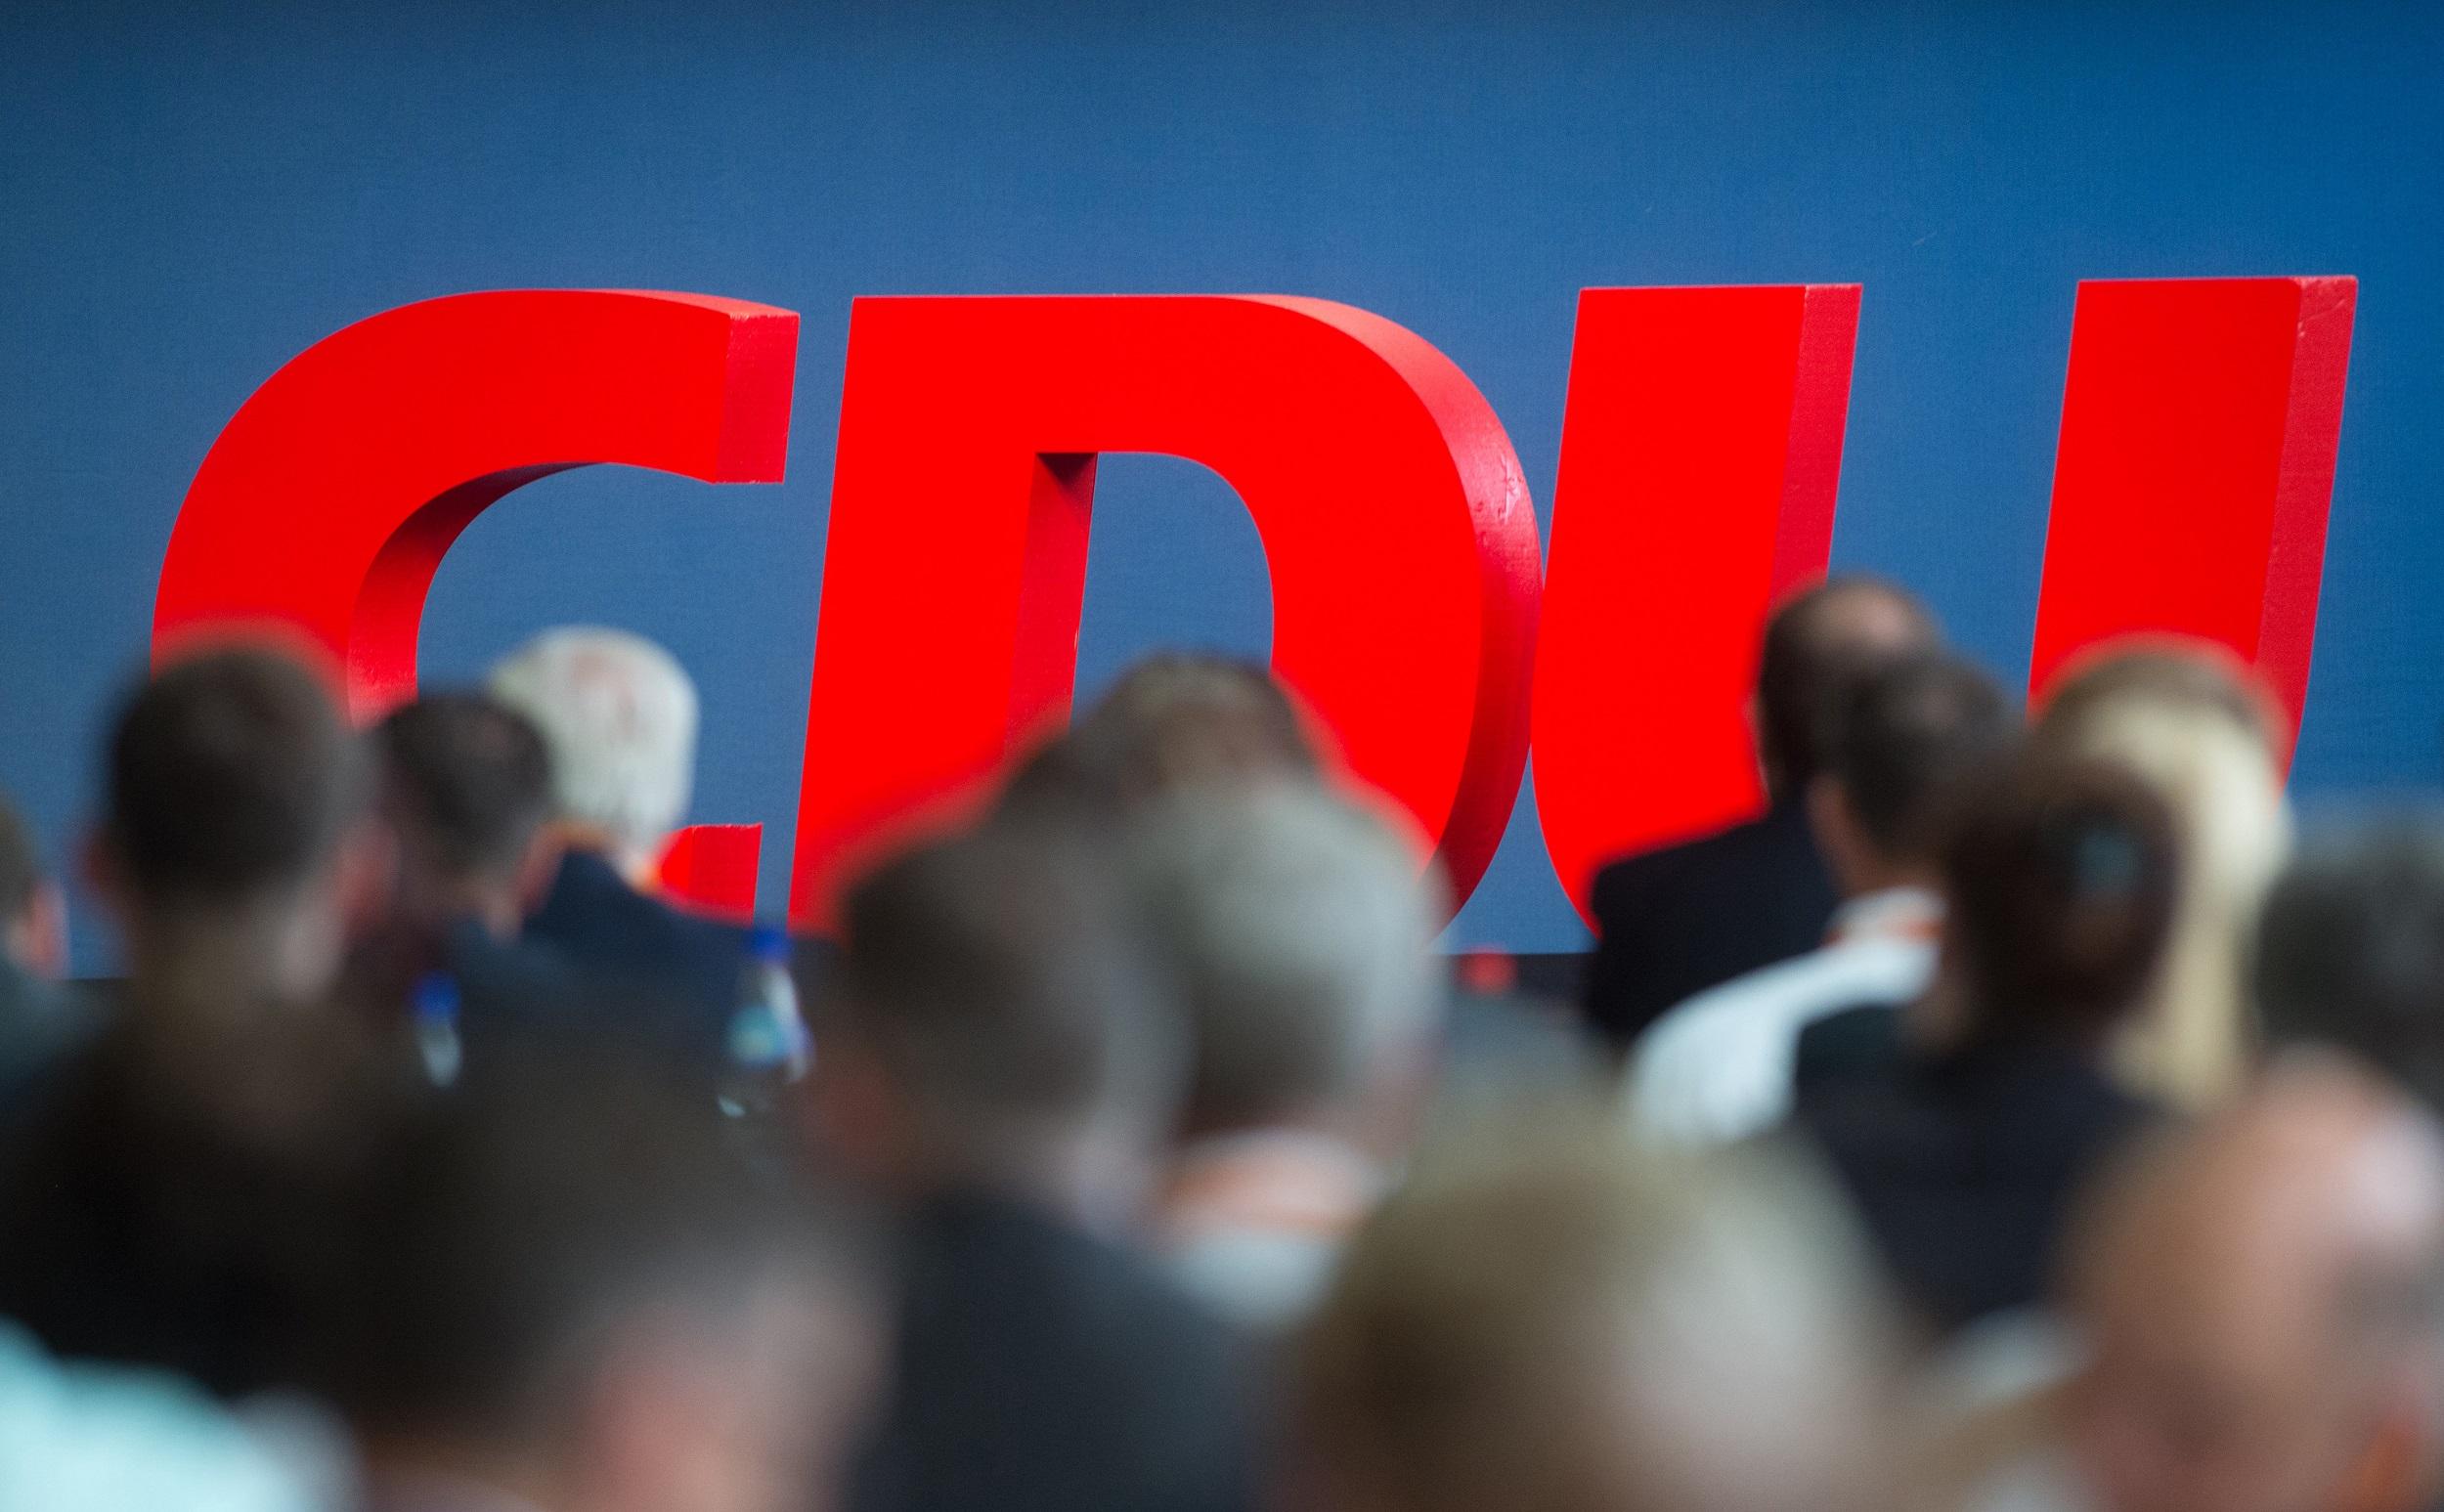 Wer steht auf welchem Platz bei der Stadtrats- und Kreistagsliste? Das entschieden die CDU-Mitglieder auf einer ungewöhnlichen Mitgliederversammlung. Foto: dpa